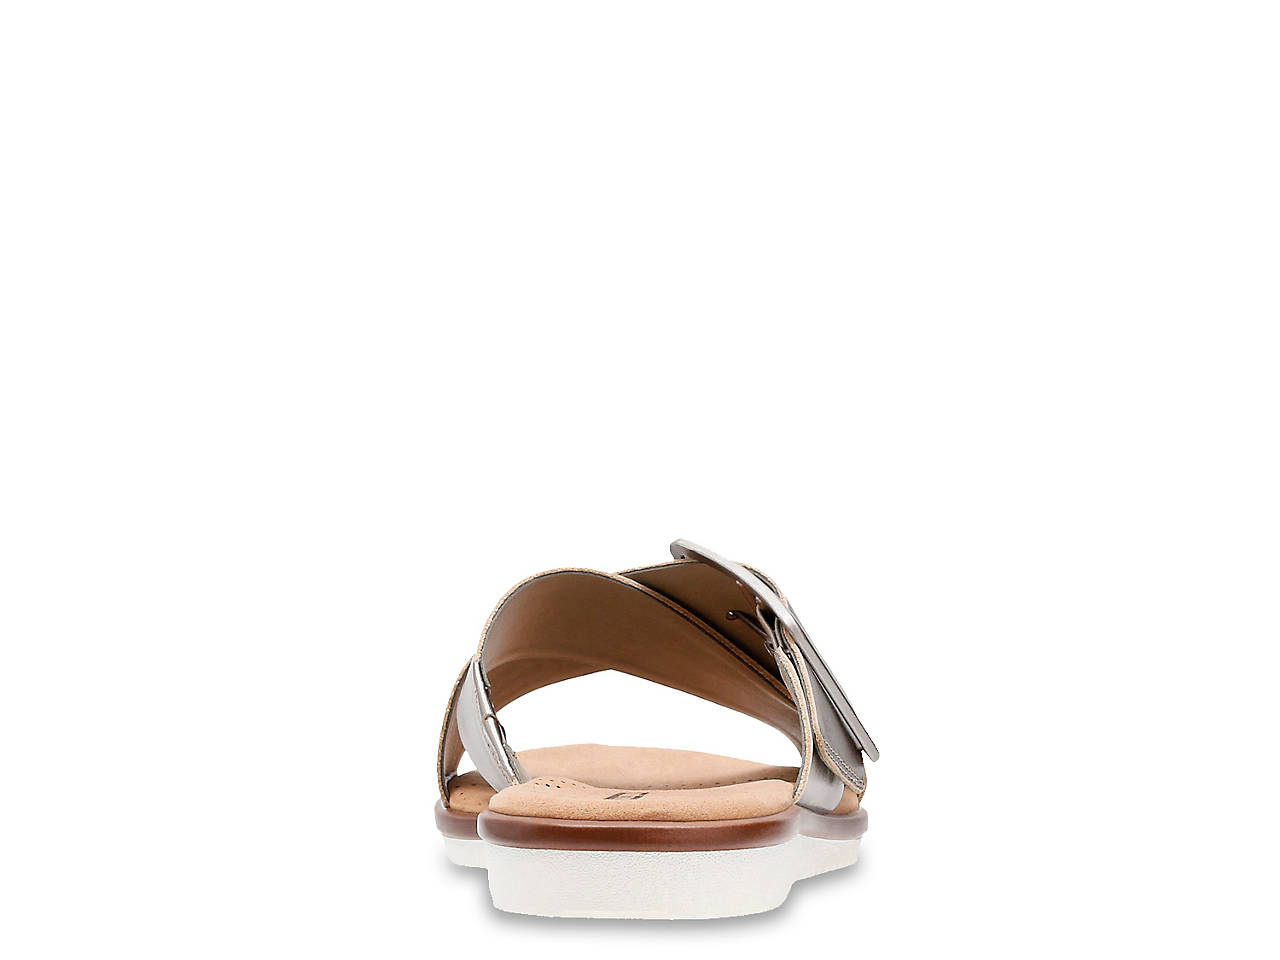 09a2d23c21ef Clarks Kele Heather Sandal Women s Shoes